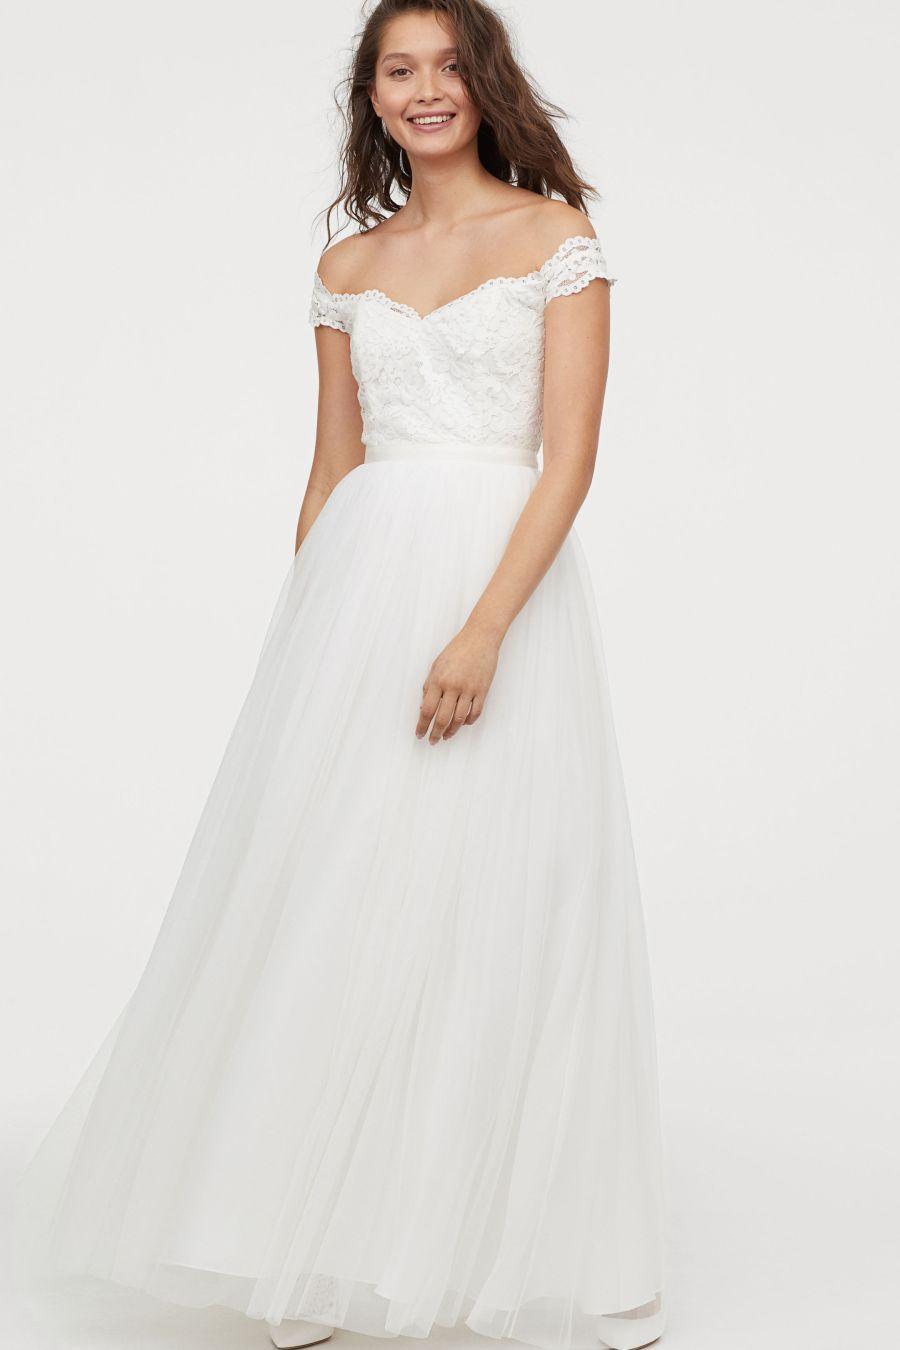 abiti da sposa a meno di 250 euro H&M 2